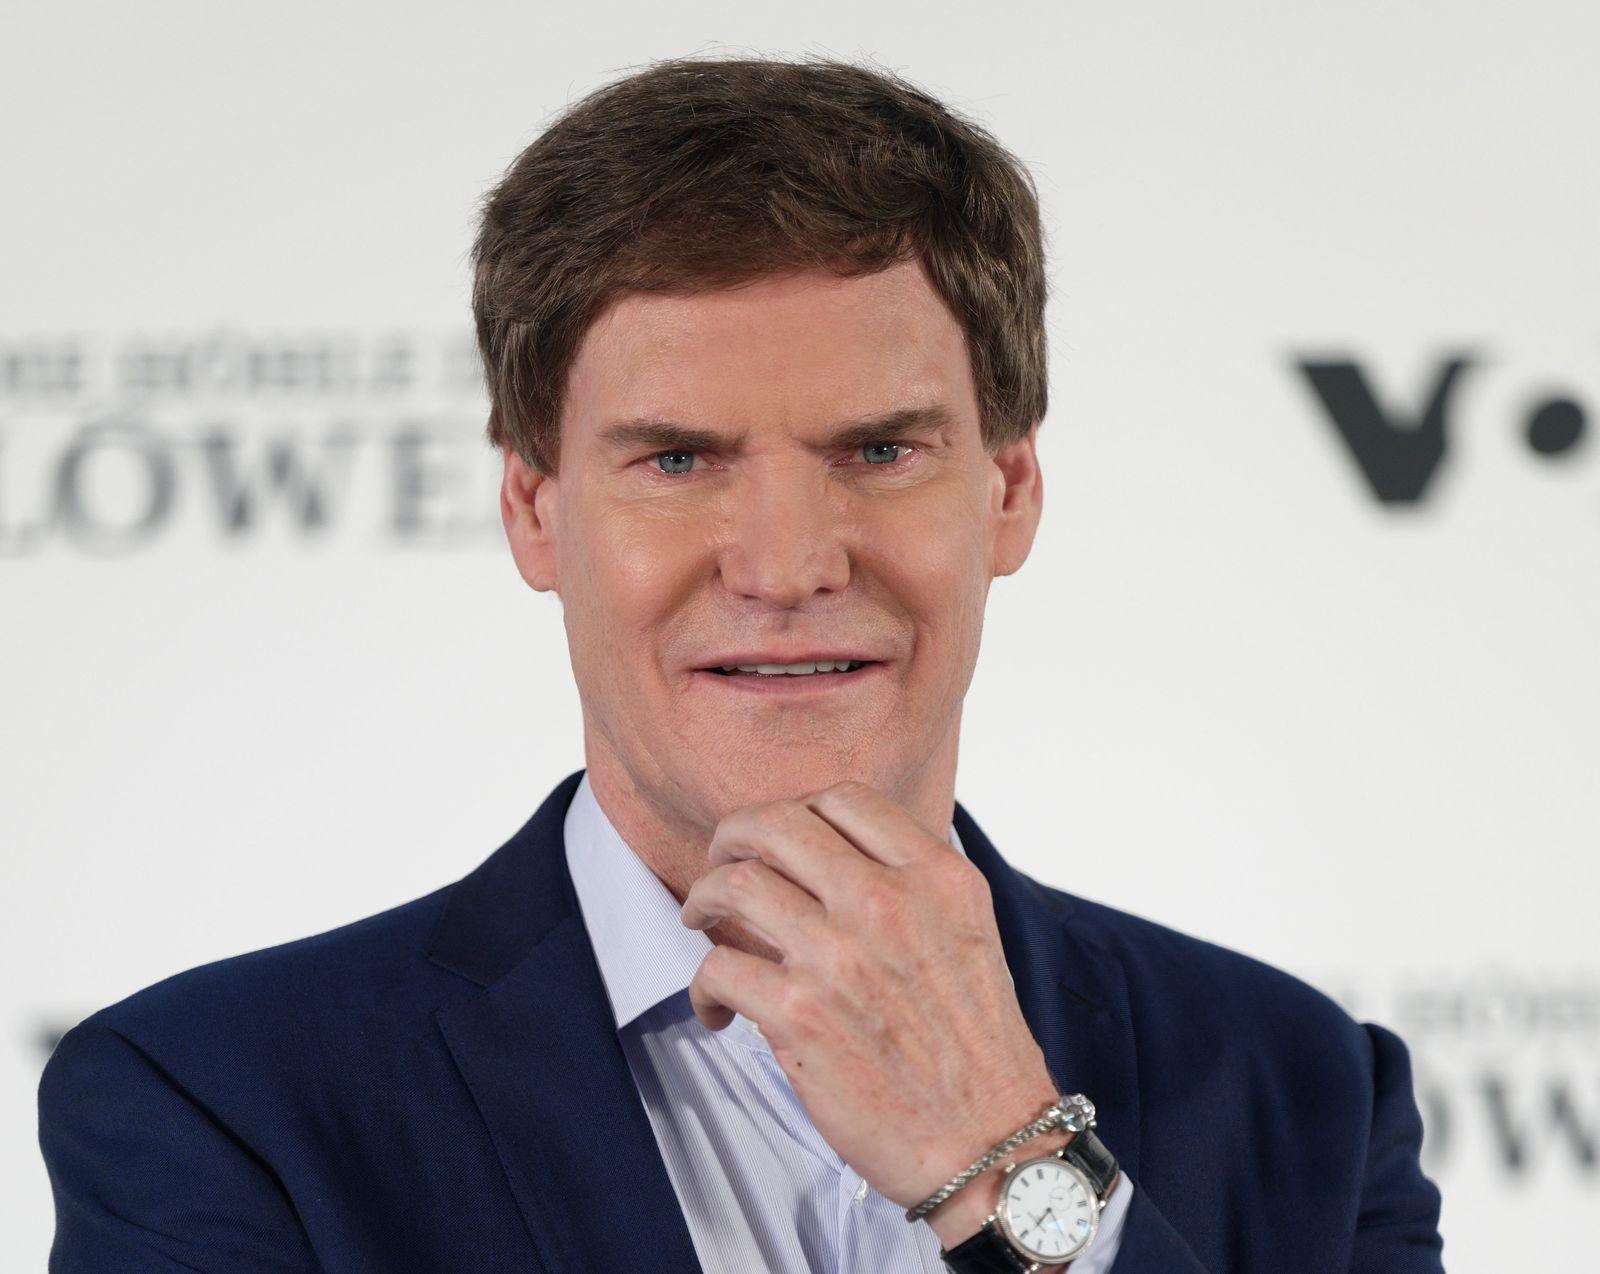 Finanzunternehmer Carsten Maschmeyer